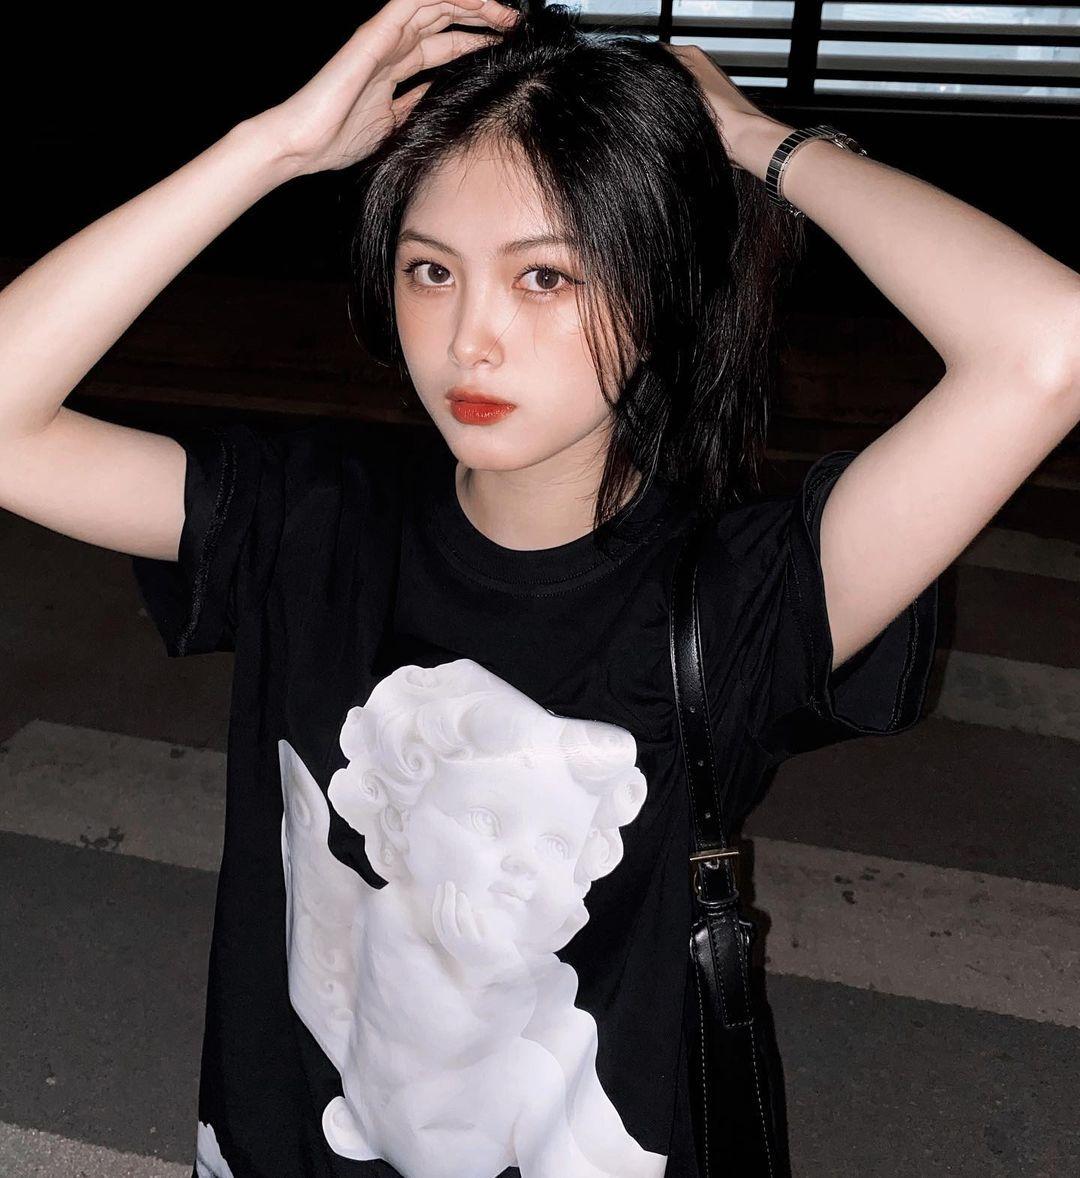 [人物]清纯越南妹子「Leely」辣穿奥黛,让人不被她掳获都不行啊. 养眼图片 第25张